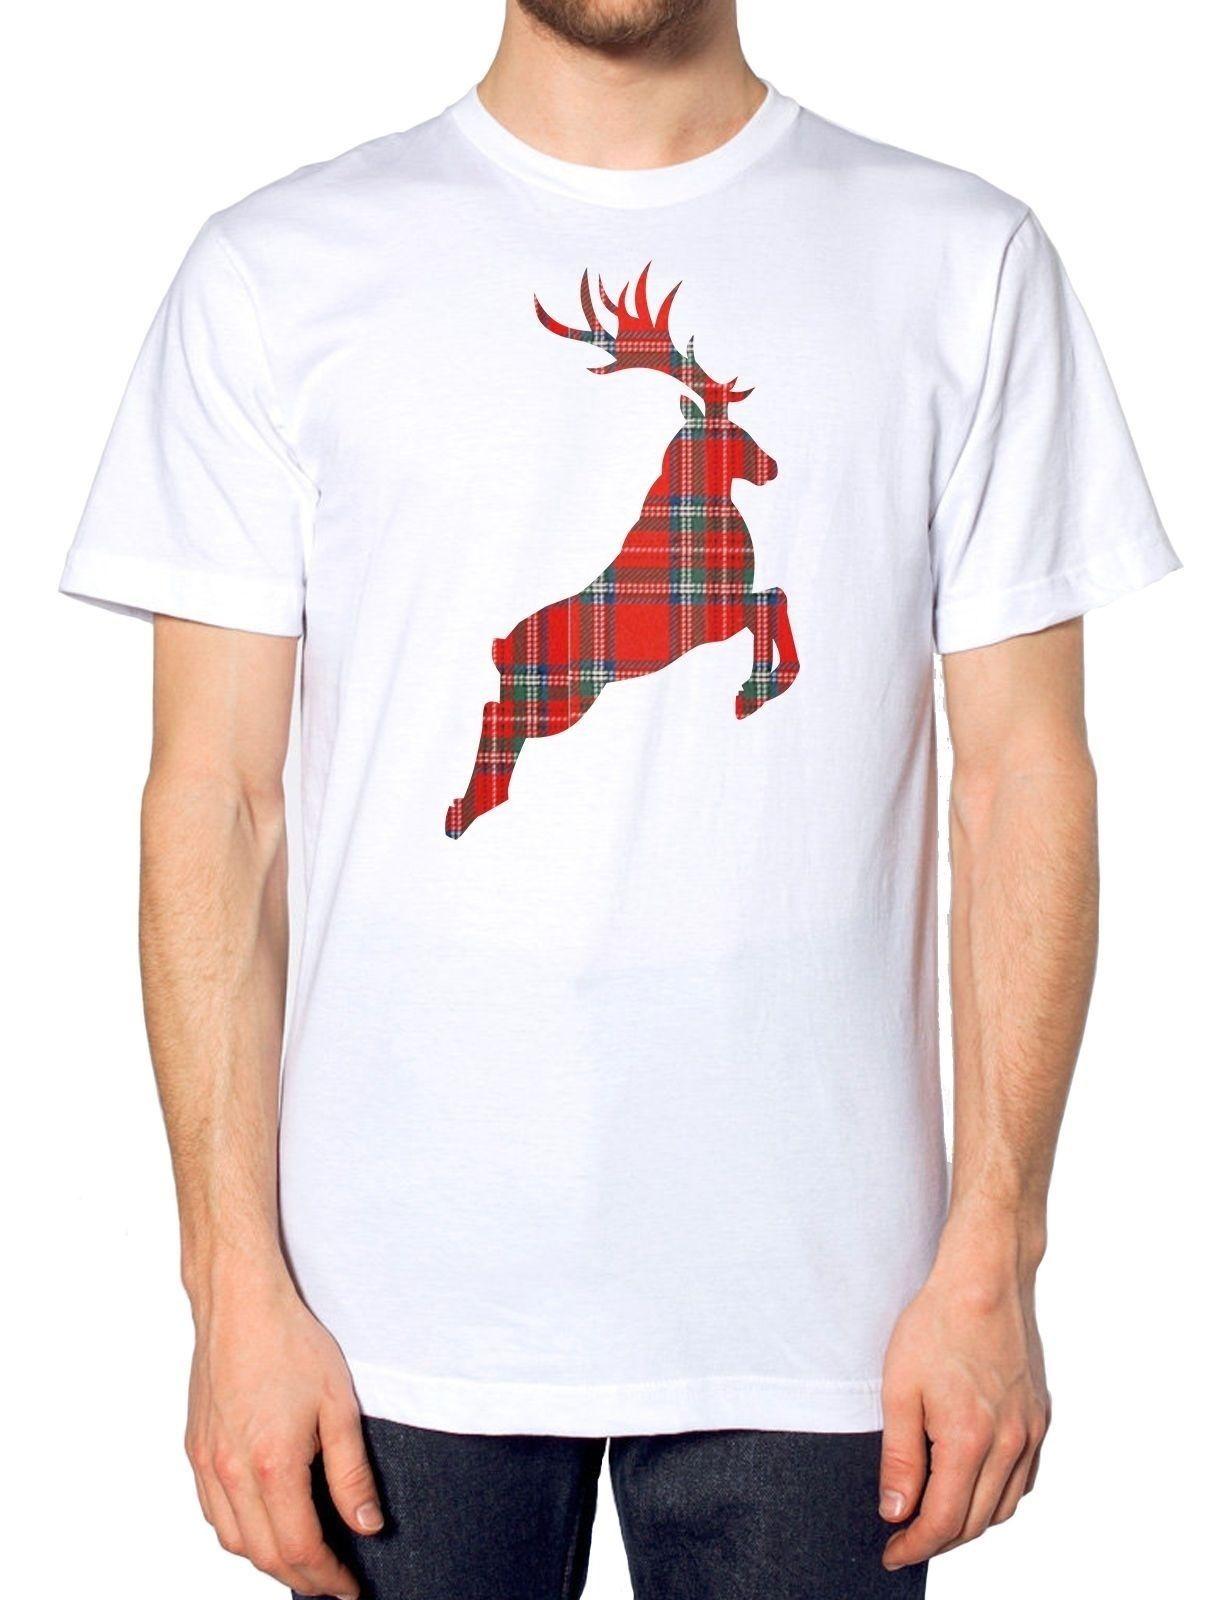 font b Tartan b font Reindeer CHRISTMAS T SHIRT Present Festive Gift Top Novelty Santa